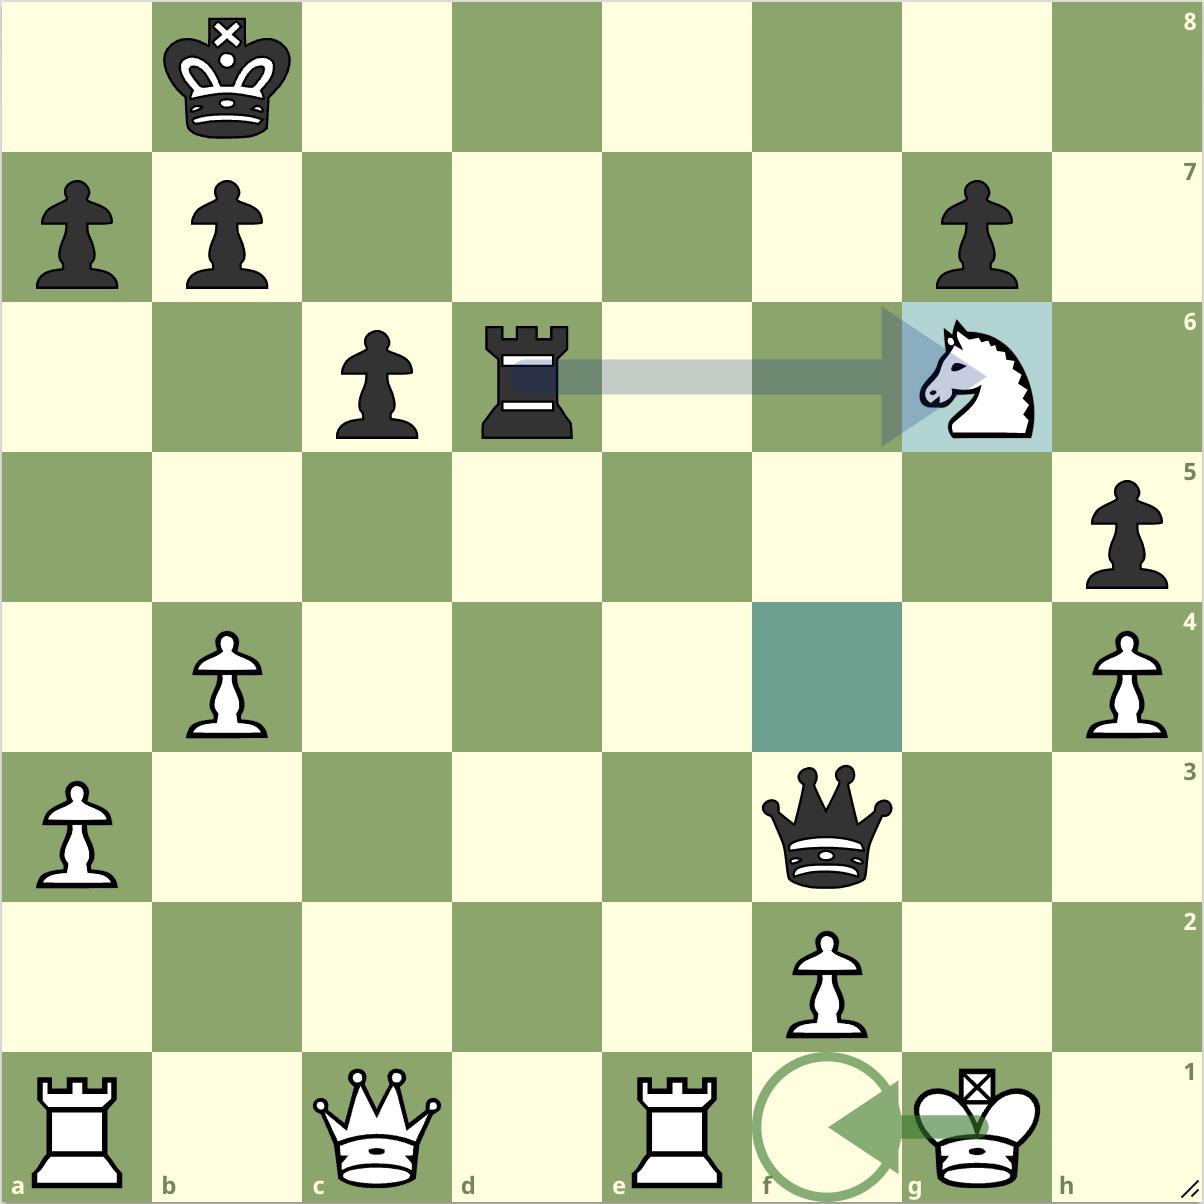 Trong trường hợp Jones tiếp nhận đòn thí, Quang Liêm sẽ dùng xe còn lại bắt mã chiếu, khiến vua trắng phải chạy vào f1. Từ đó, hậu đen sẽ lần lượt chiếu khiến Trắng chỉ có một nước bắt buộc để đi. Đầu tiên, hậu chiếu ở d3, khiến Trắng phải đưa xe lên e2 đỡ. Sau đó, hậu đen chuyển sang h3 chiếu.